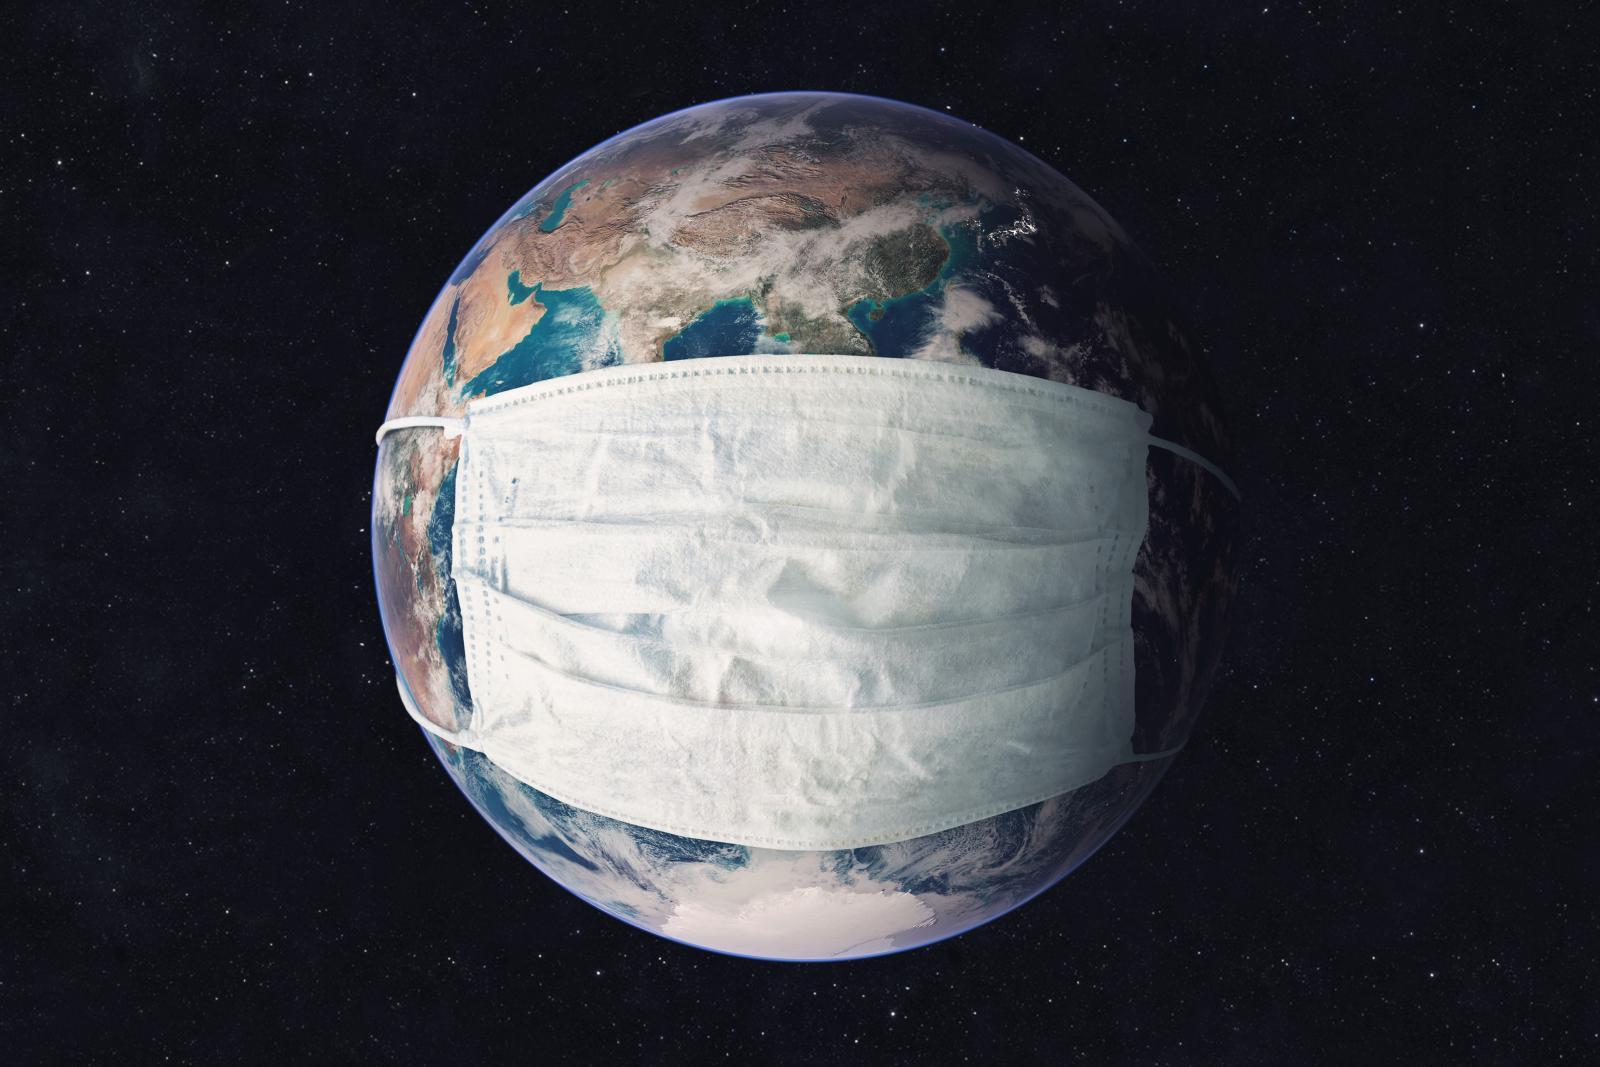 อัปเดตข่าว สถานการณ์ โควิด-19 ทั่วโลก ล่าสุด 6 พ.ค. 63